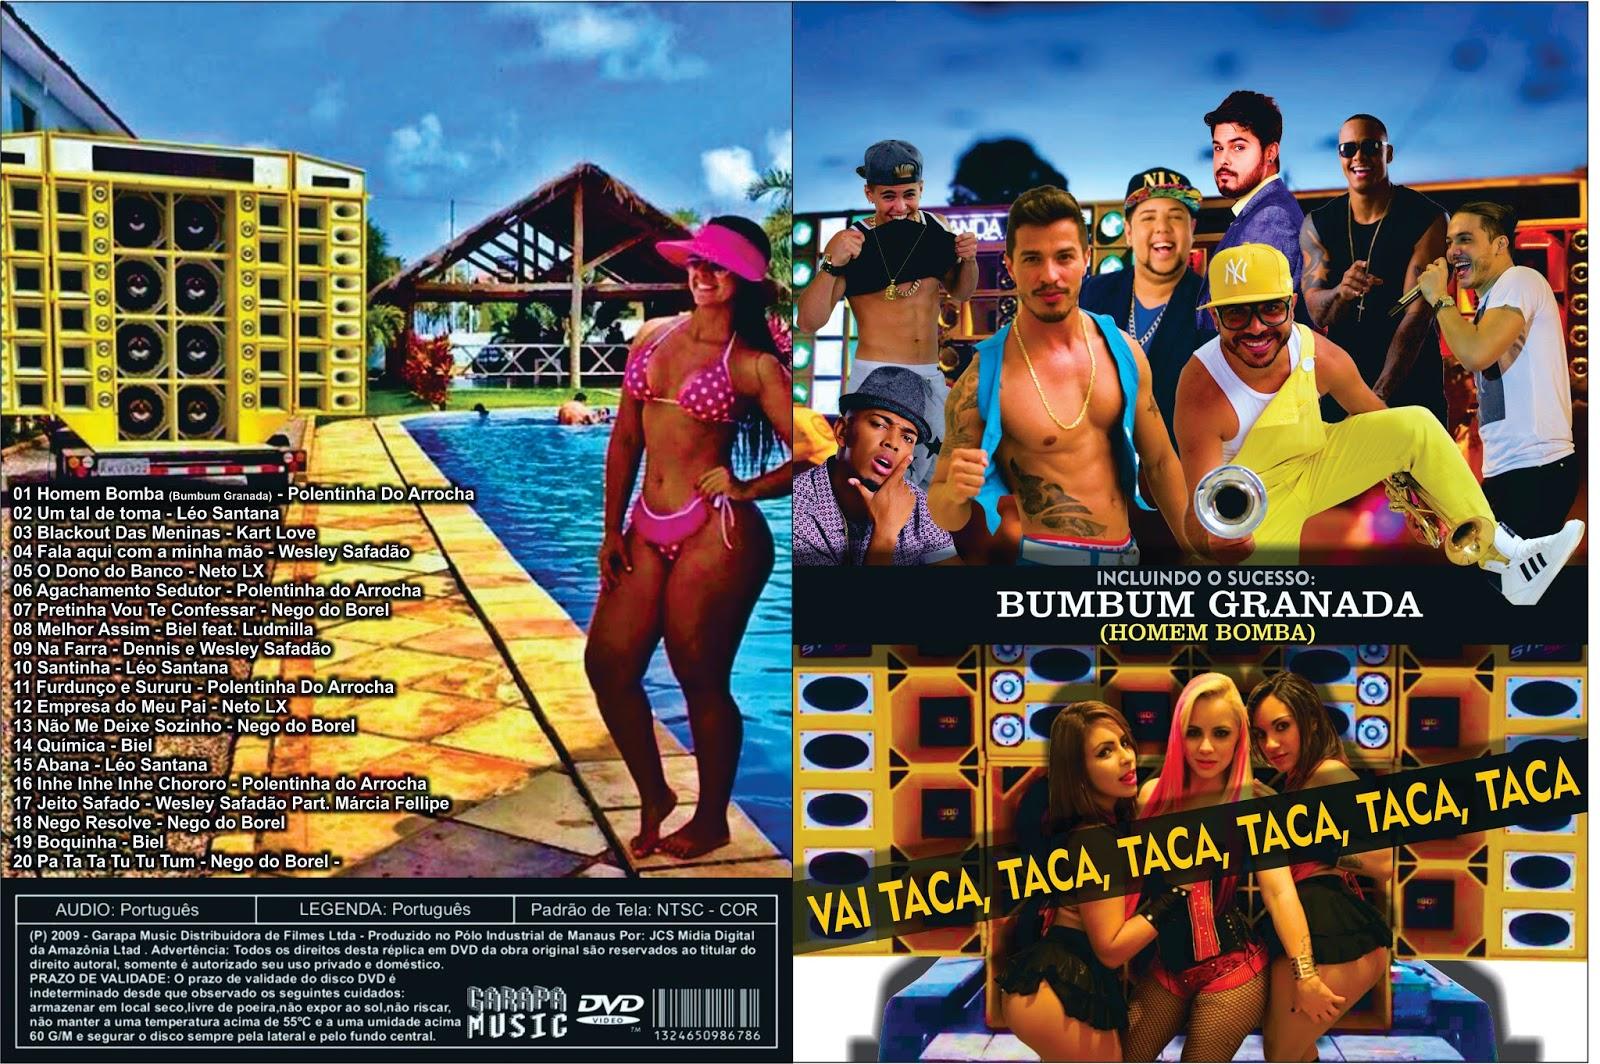 Baixar DVD Homem Bomba Bumbum Granada 2016 Full HD hdhgk